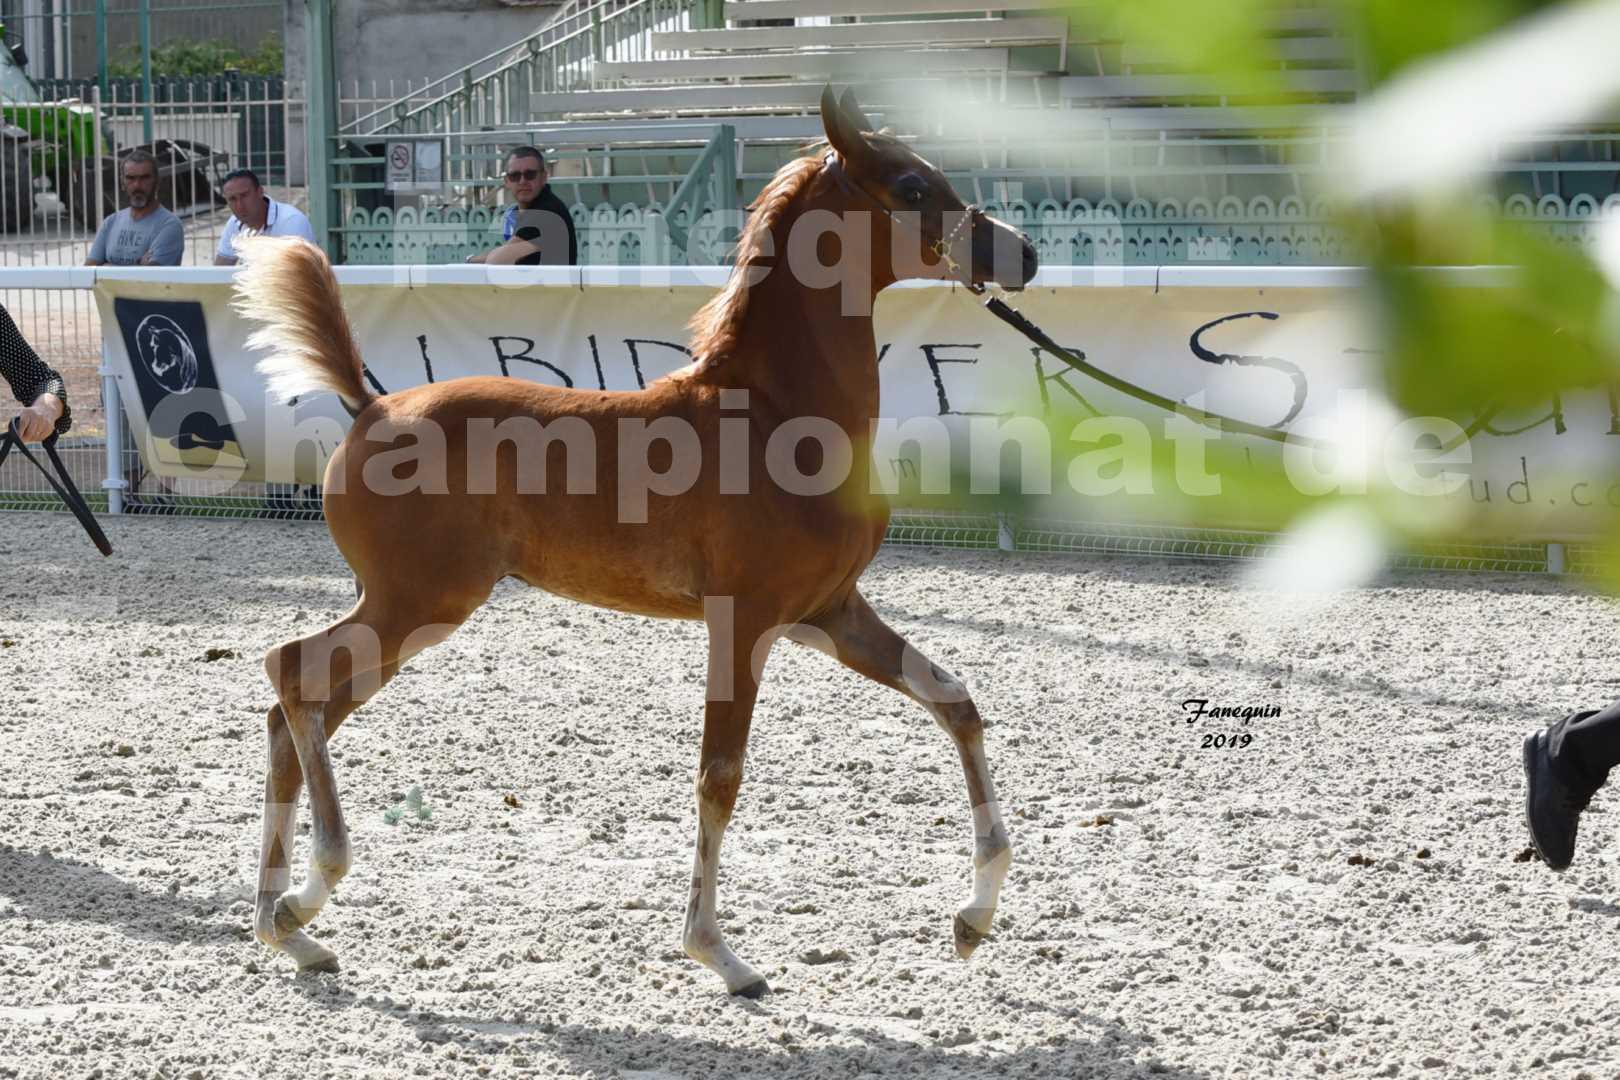 Championnat de France des chevaux Arabes en 2019 à VICHY - SH CYRENE - 4